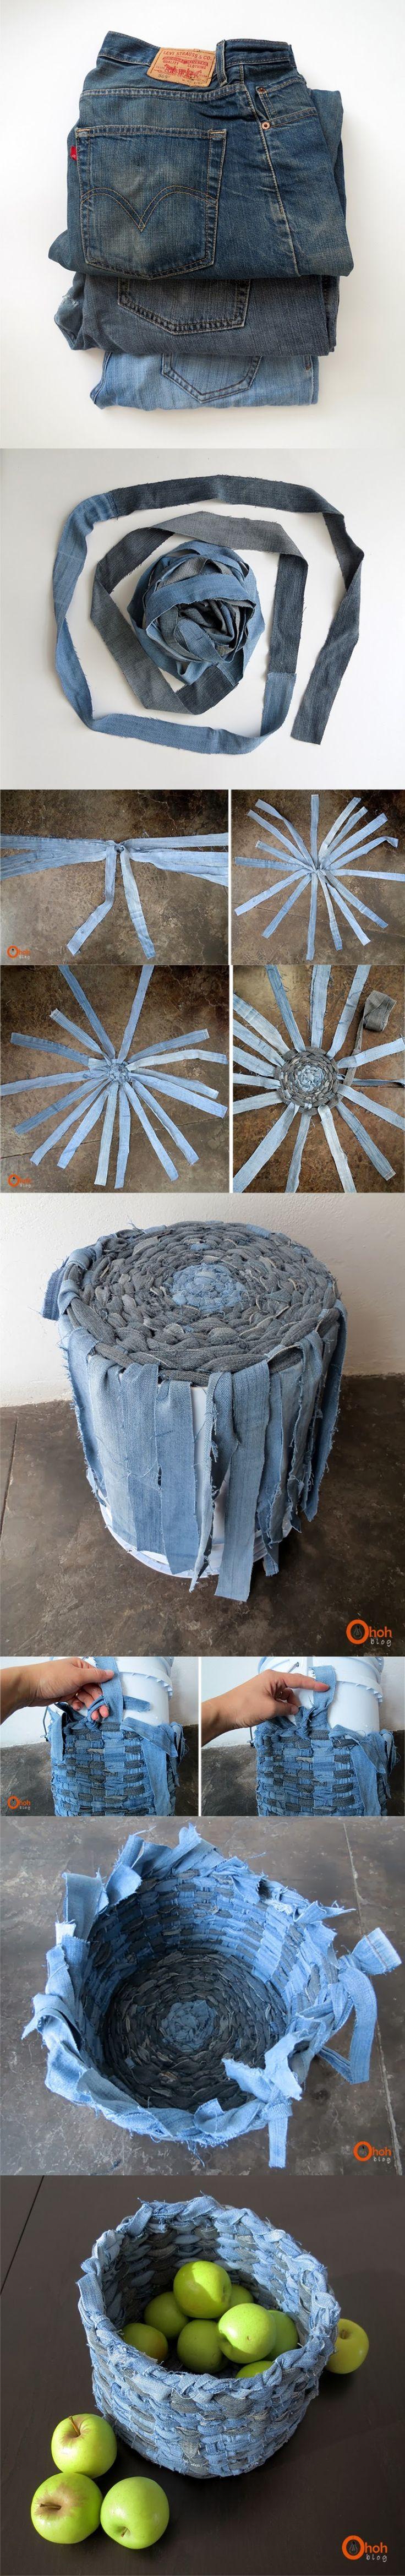 cesta reciclar vaqueros jeans DIY muy ingenioso 2